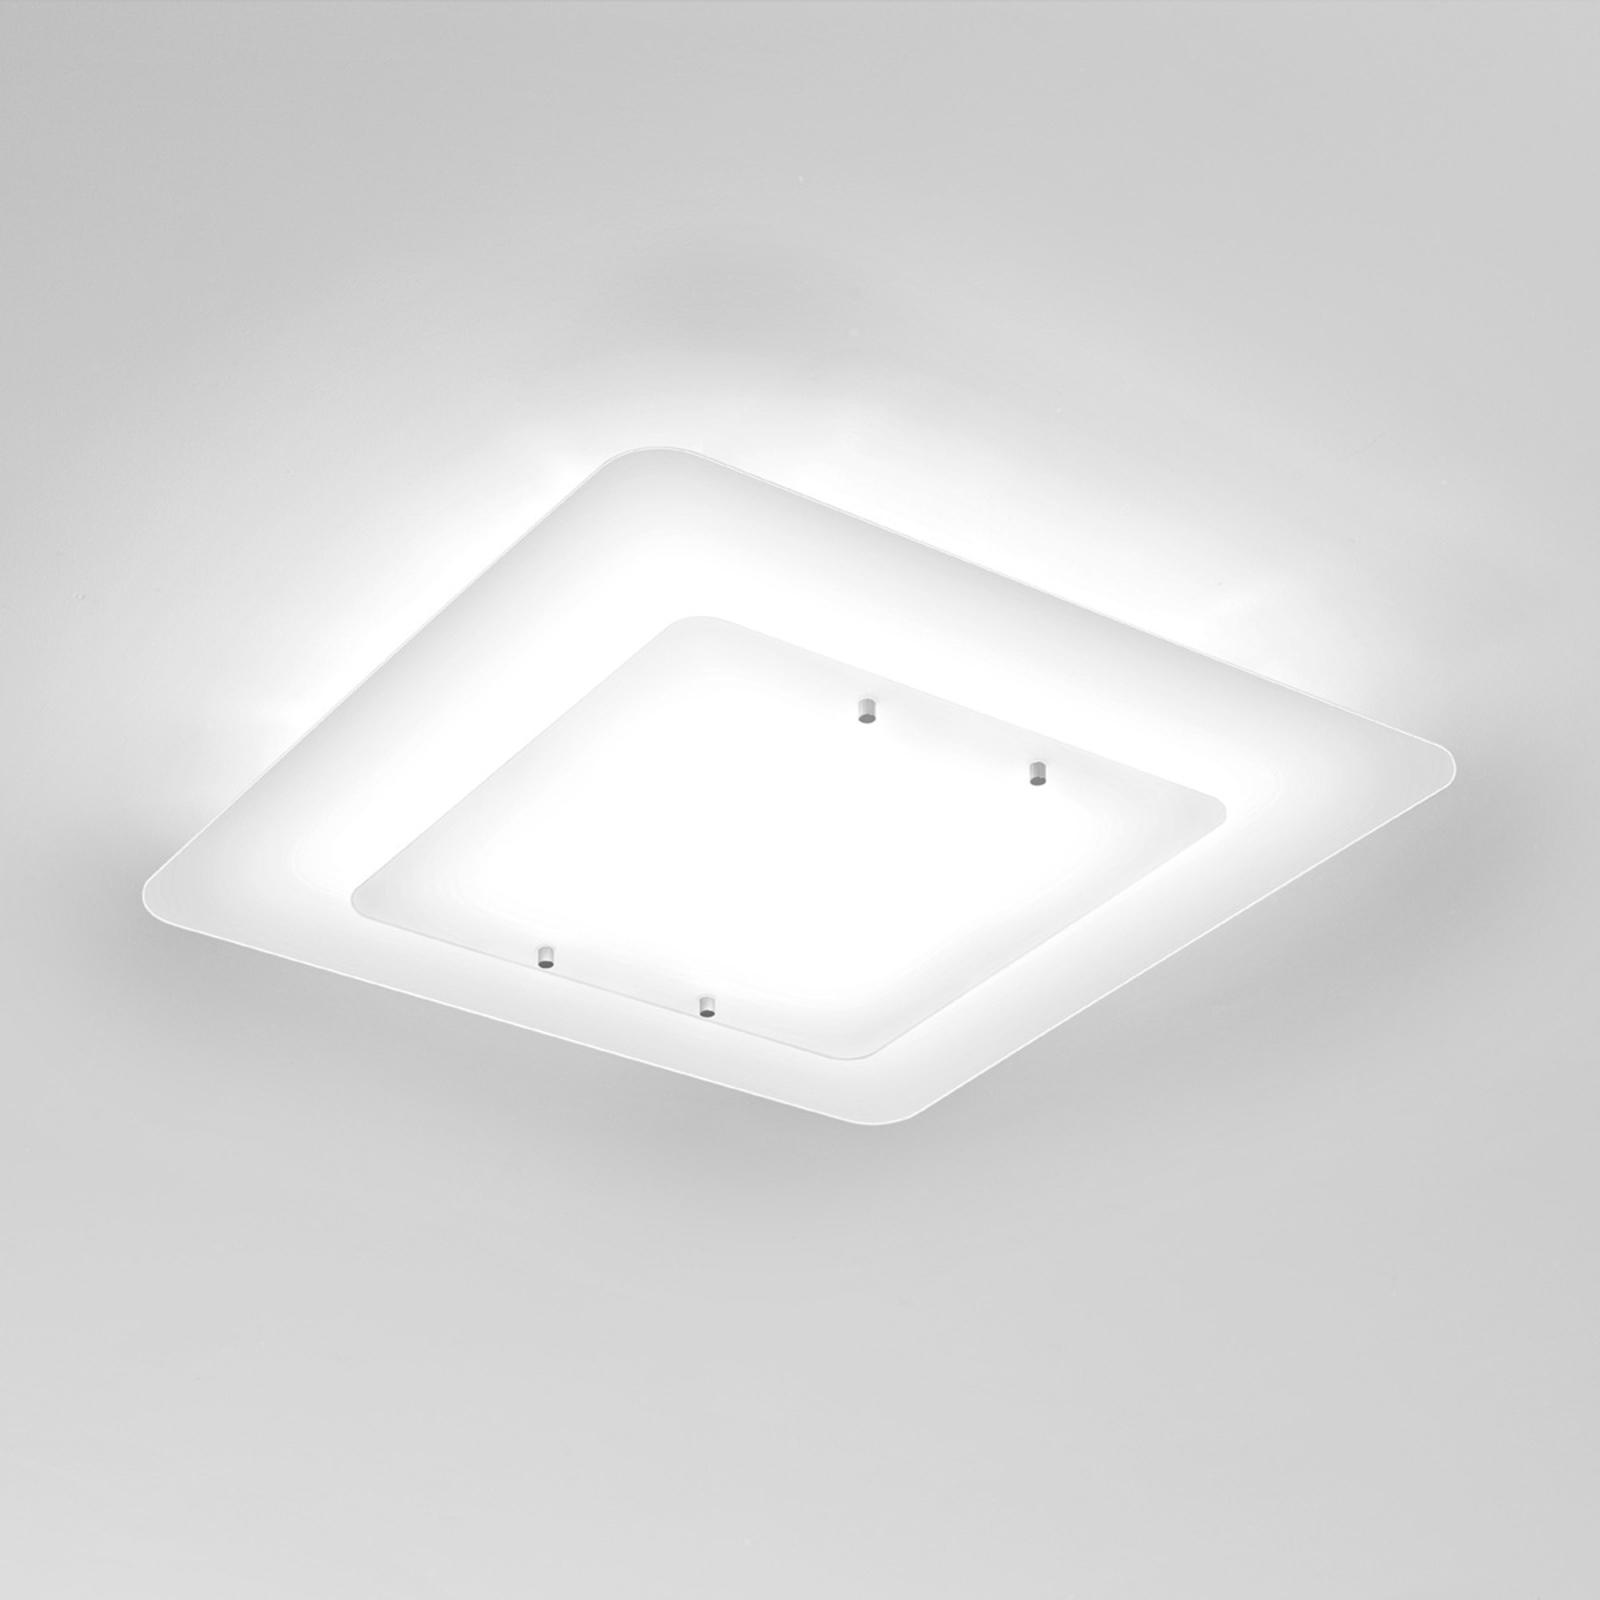 Lampa sufitowa Pop-Up z białą ramą